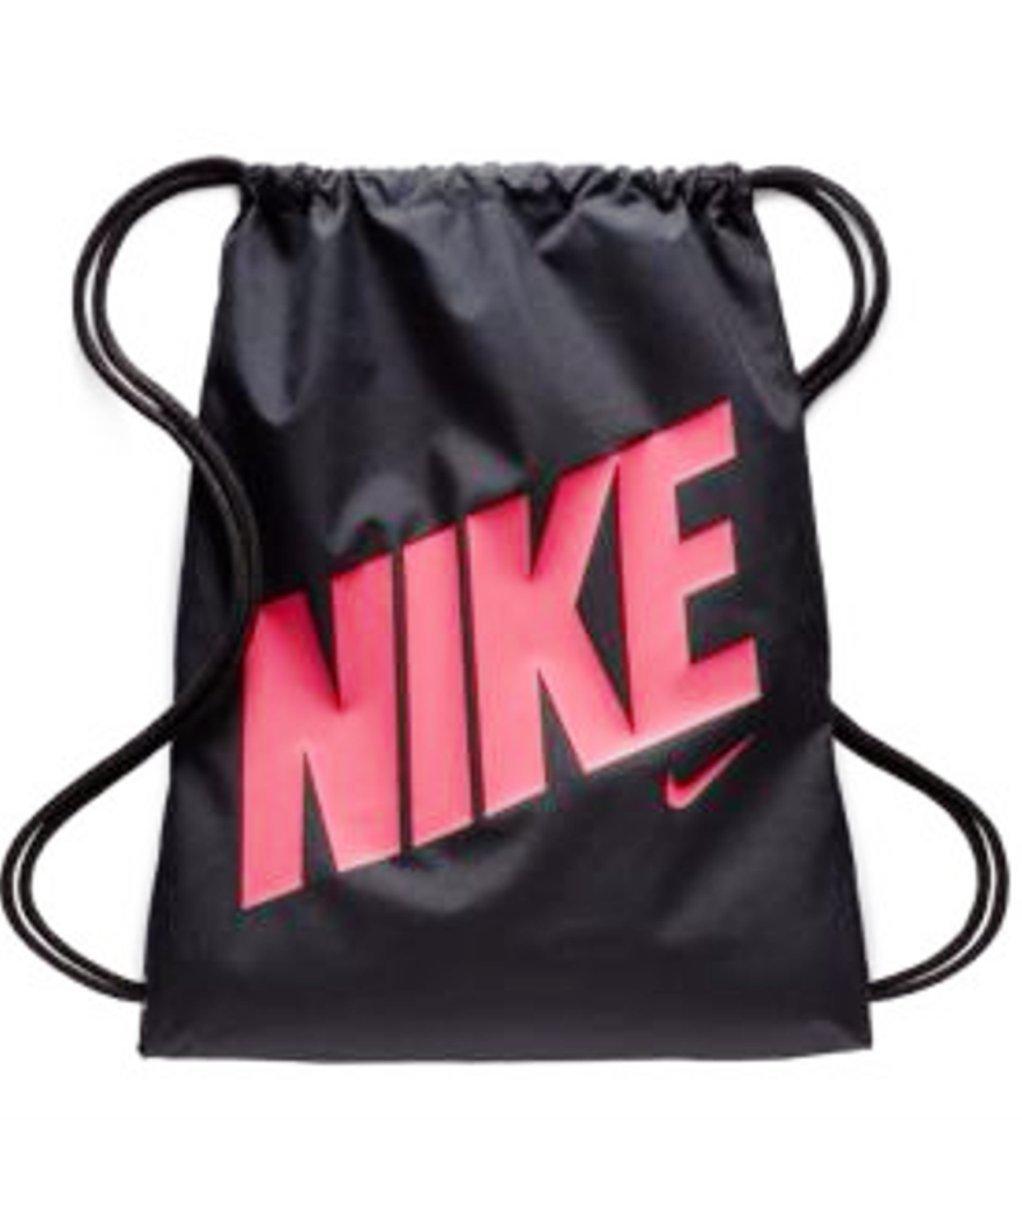 Nike Beuteltasche Gleichheit Kordelzug Gymsack Rucksack